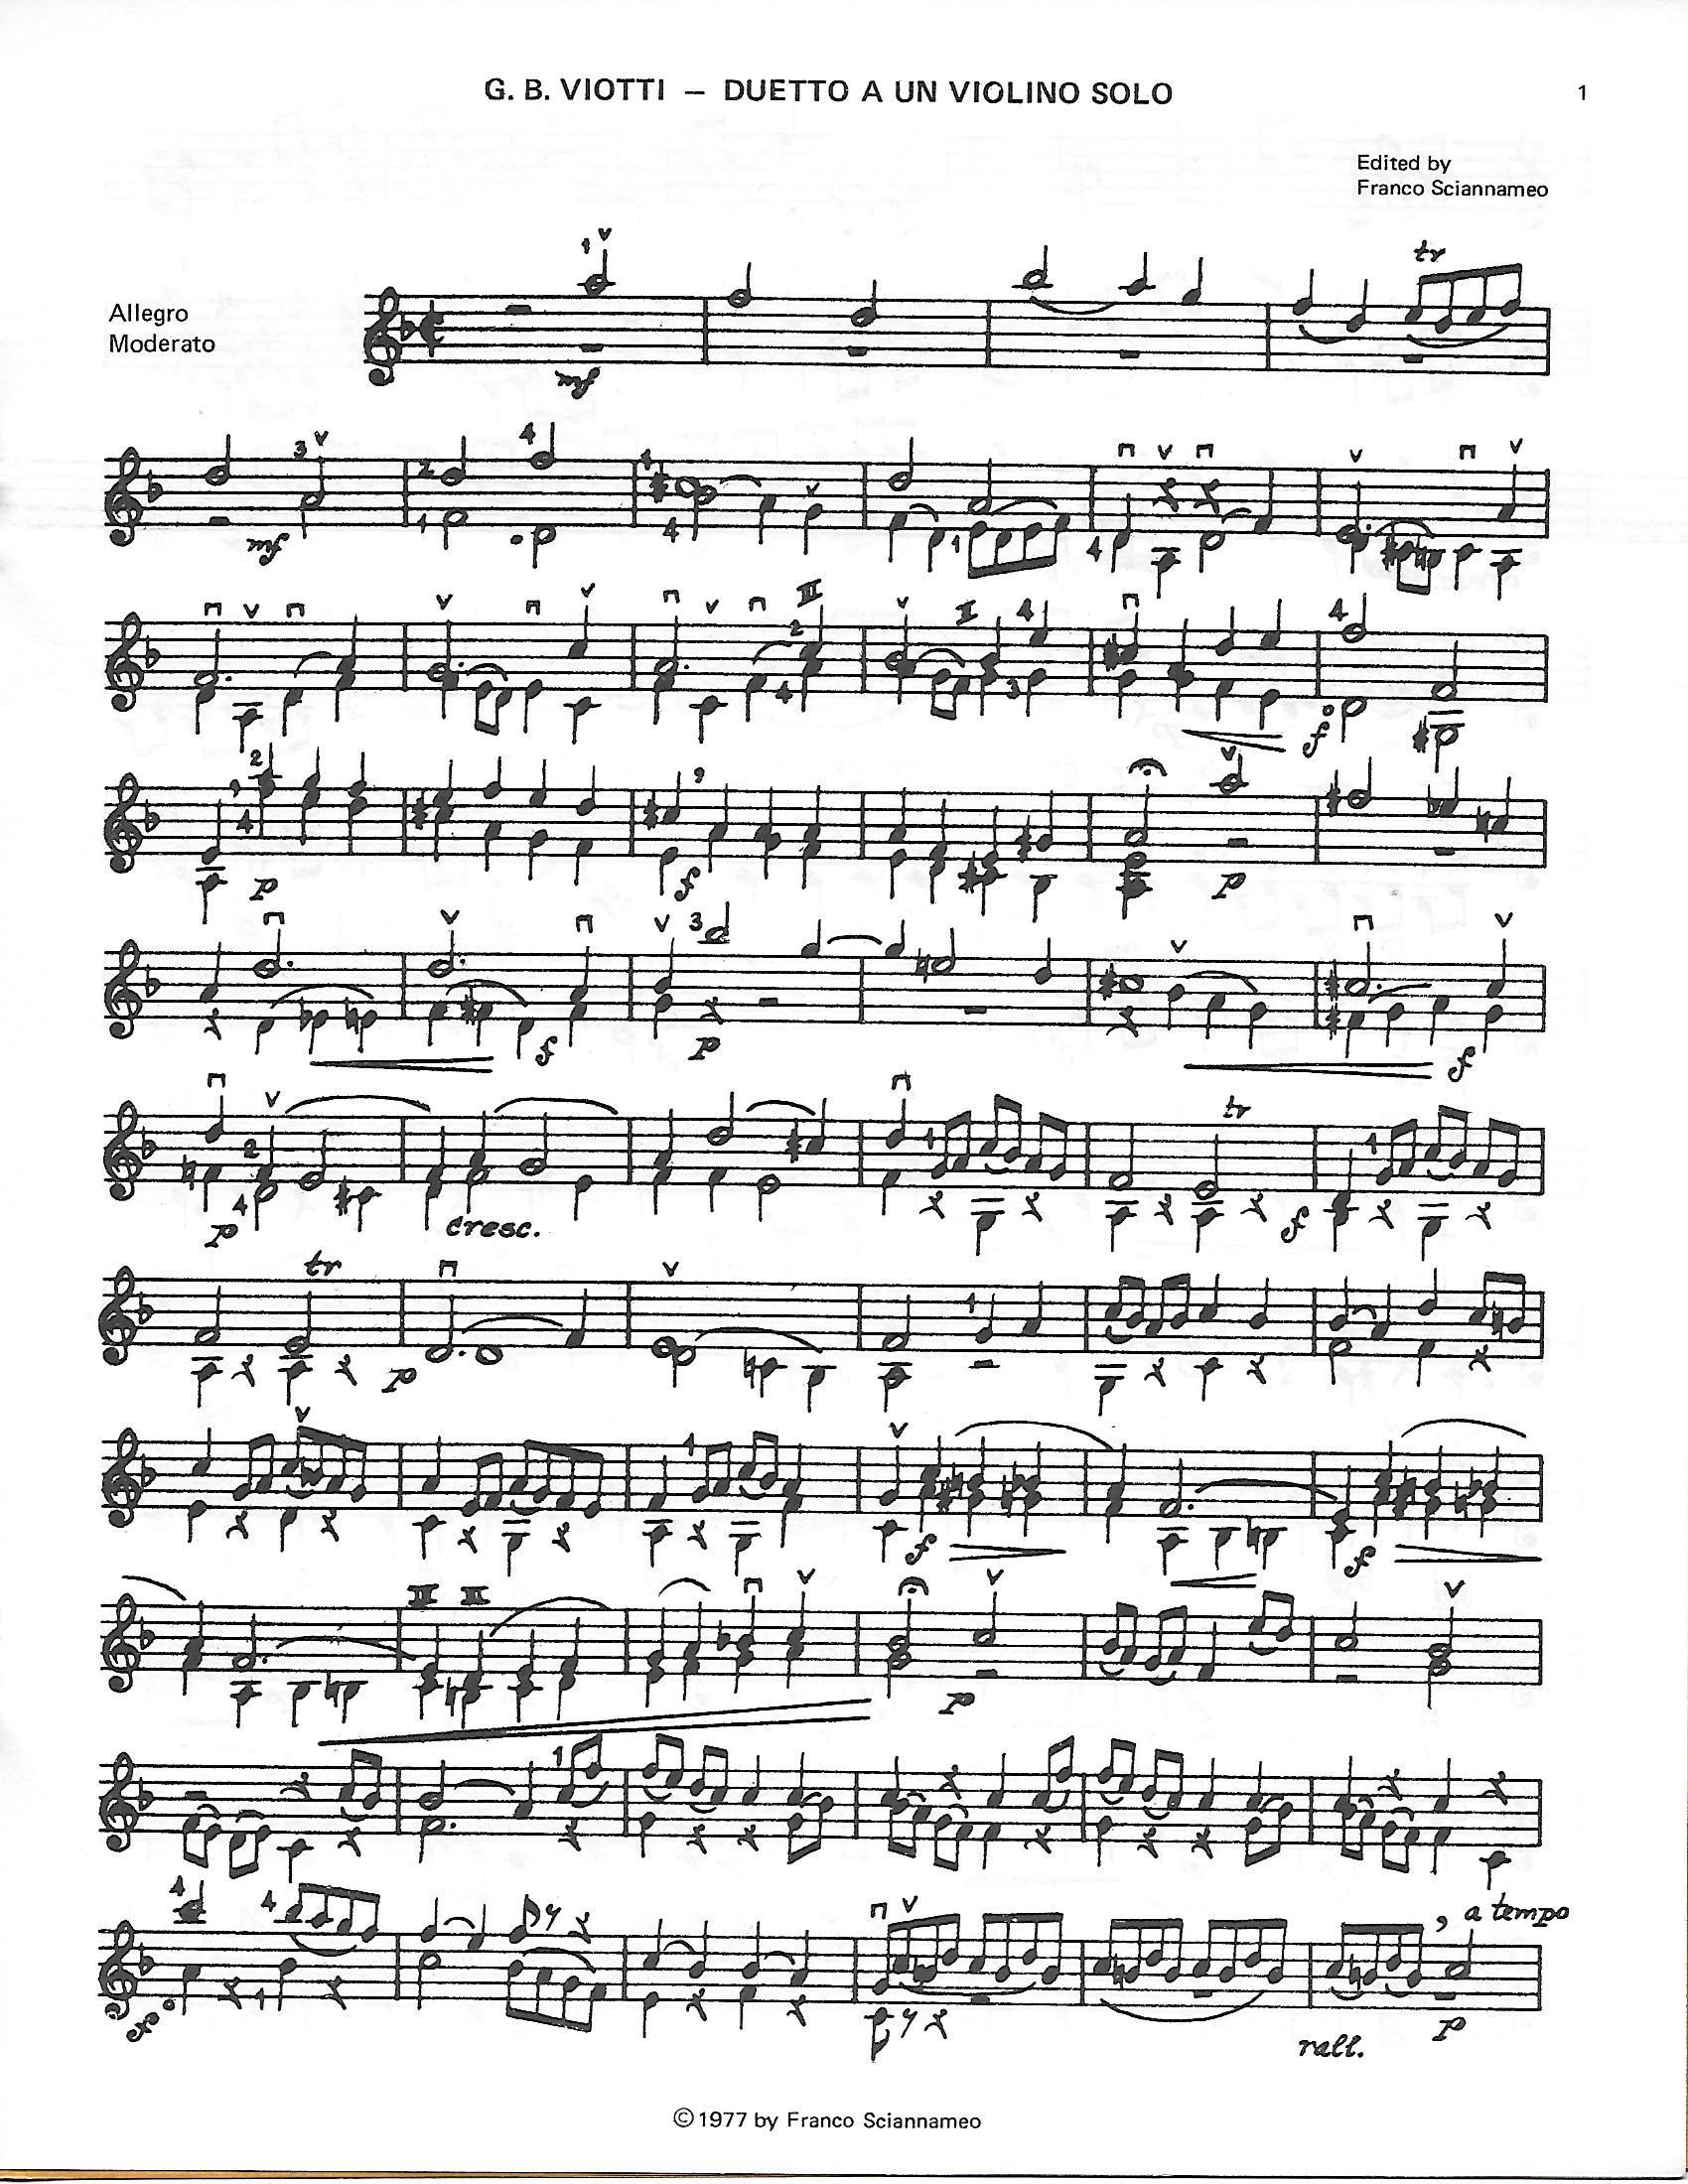 Viotti, G.B. - Duetto a un Violino Solo - Music